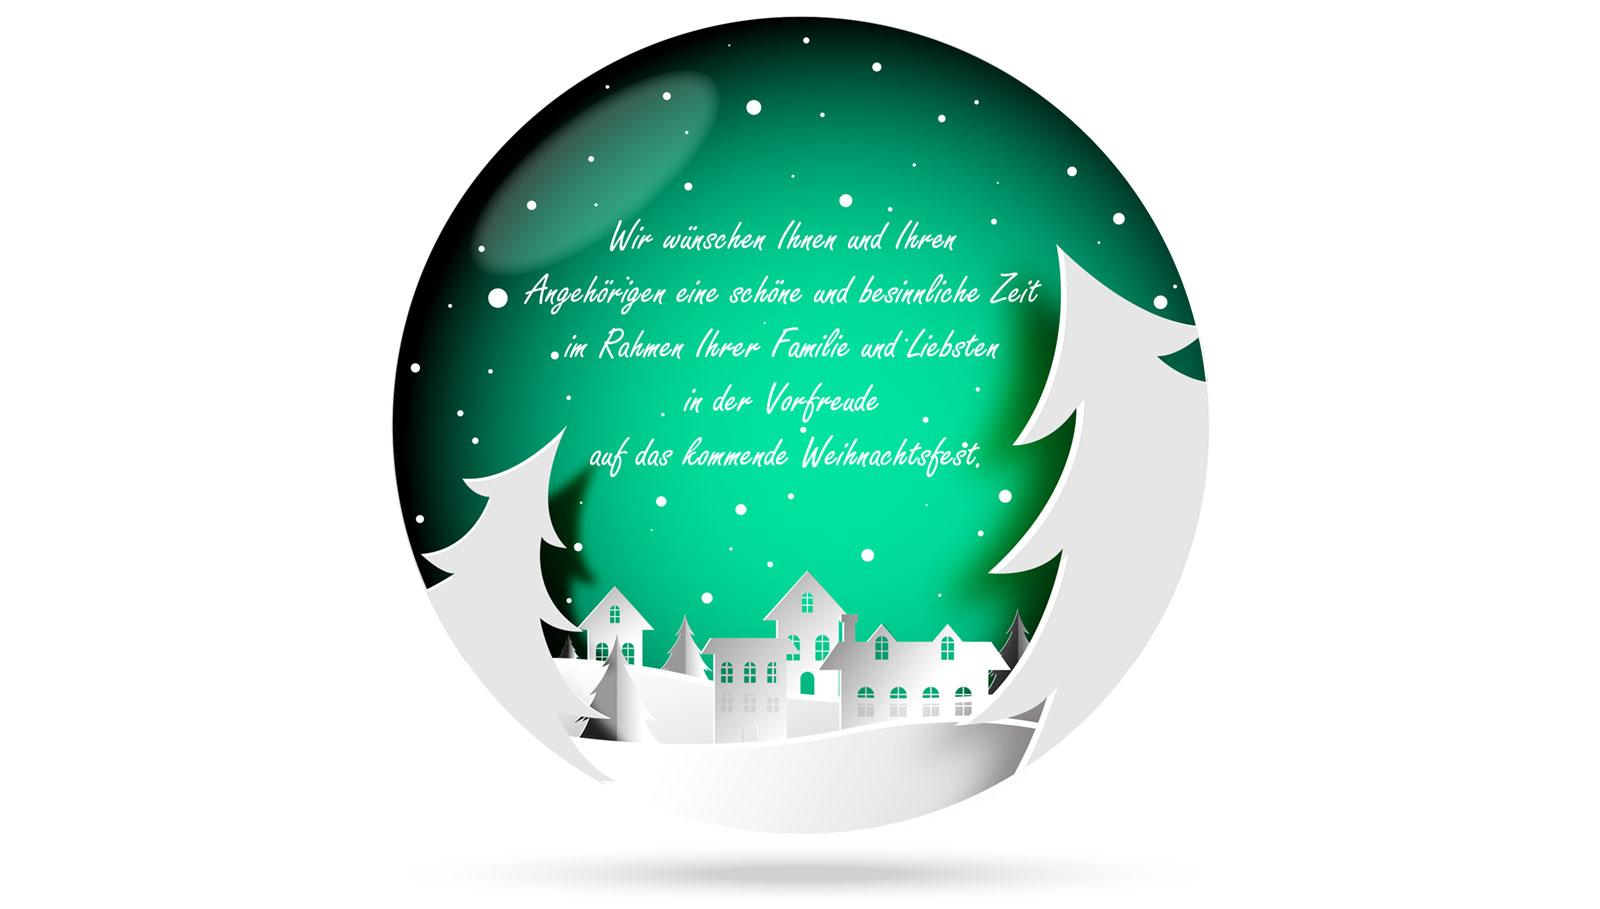 Wir wünschen Ihnen und Ihren Angehörigen eine schöne und besinnliche Zeit im Rahmen Ihrer Familie und Liebsten in der Vorfreude auf das kommende Weihnachtsfest.